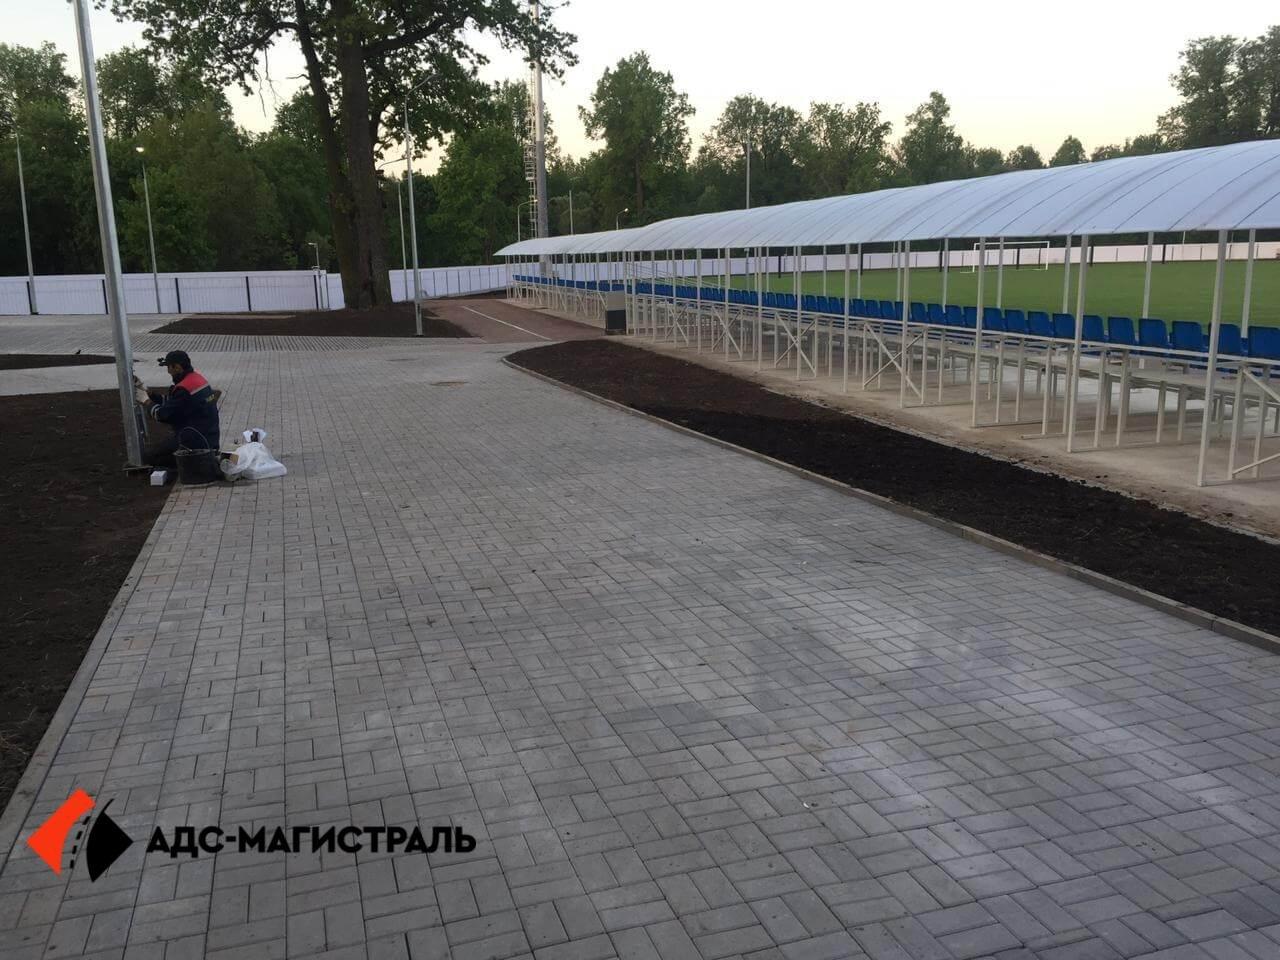 Благоустройство территории стадиона в г. Павловск фото 8